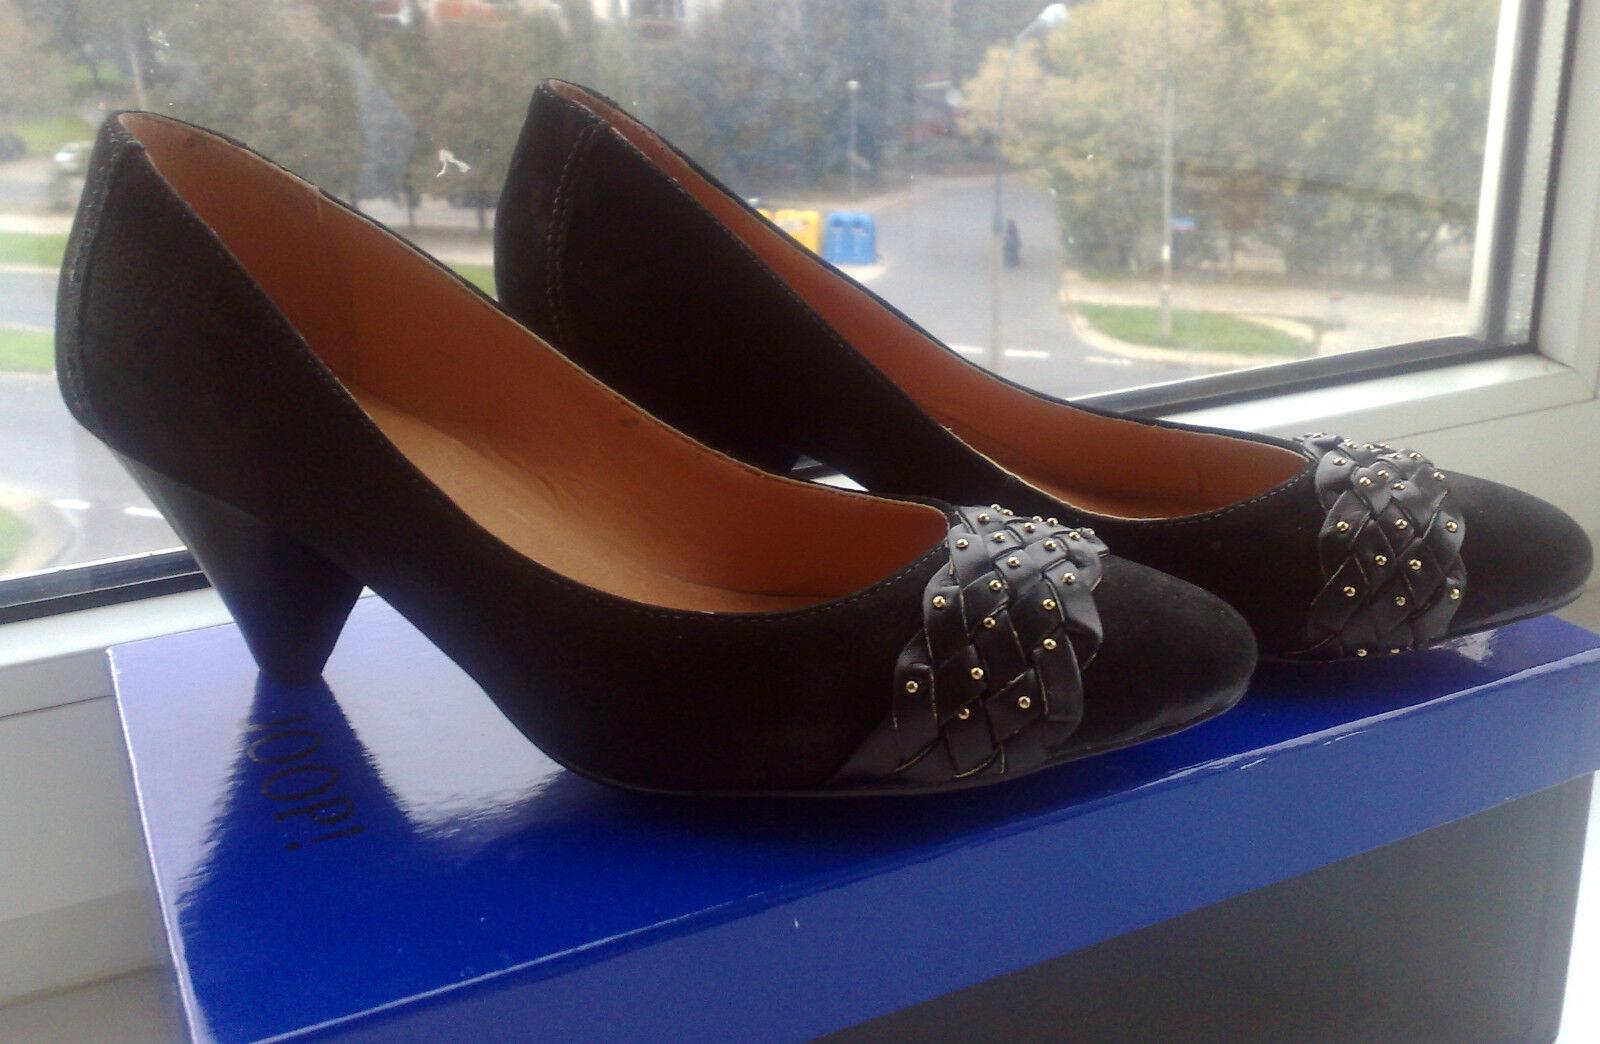 Nouveau VIA UNO Italie Cuir Escarpins Chaussures Talon US 9 EUR 40 magnifique  noir